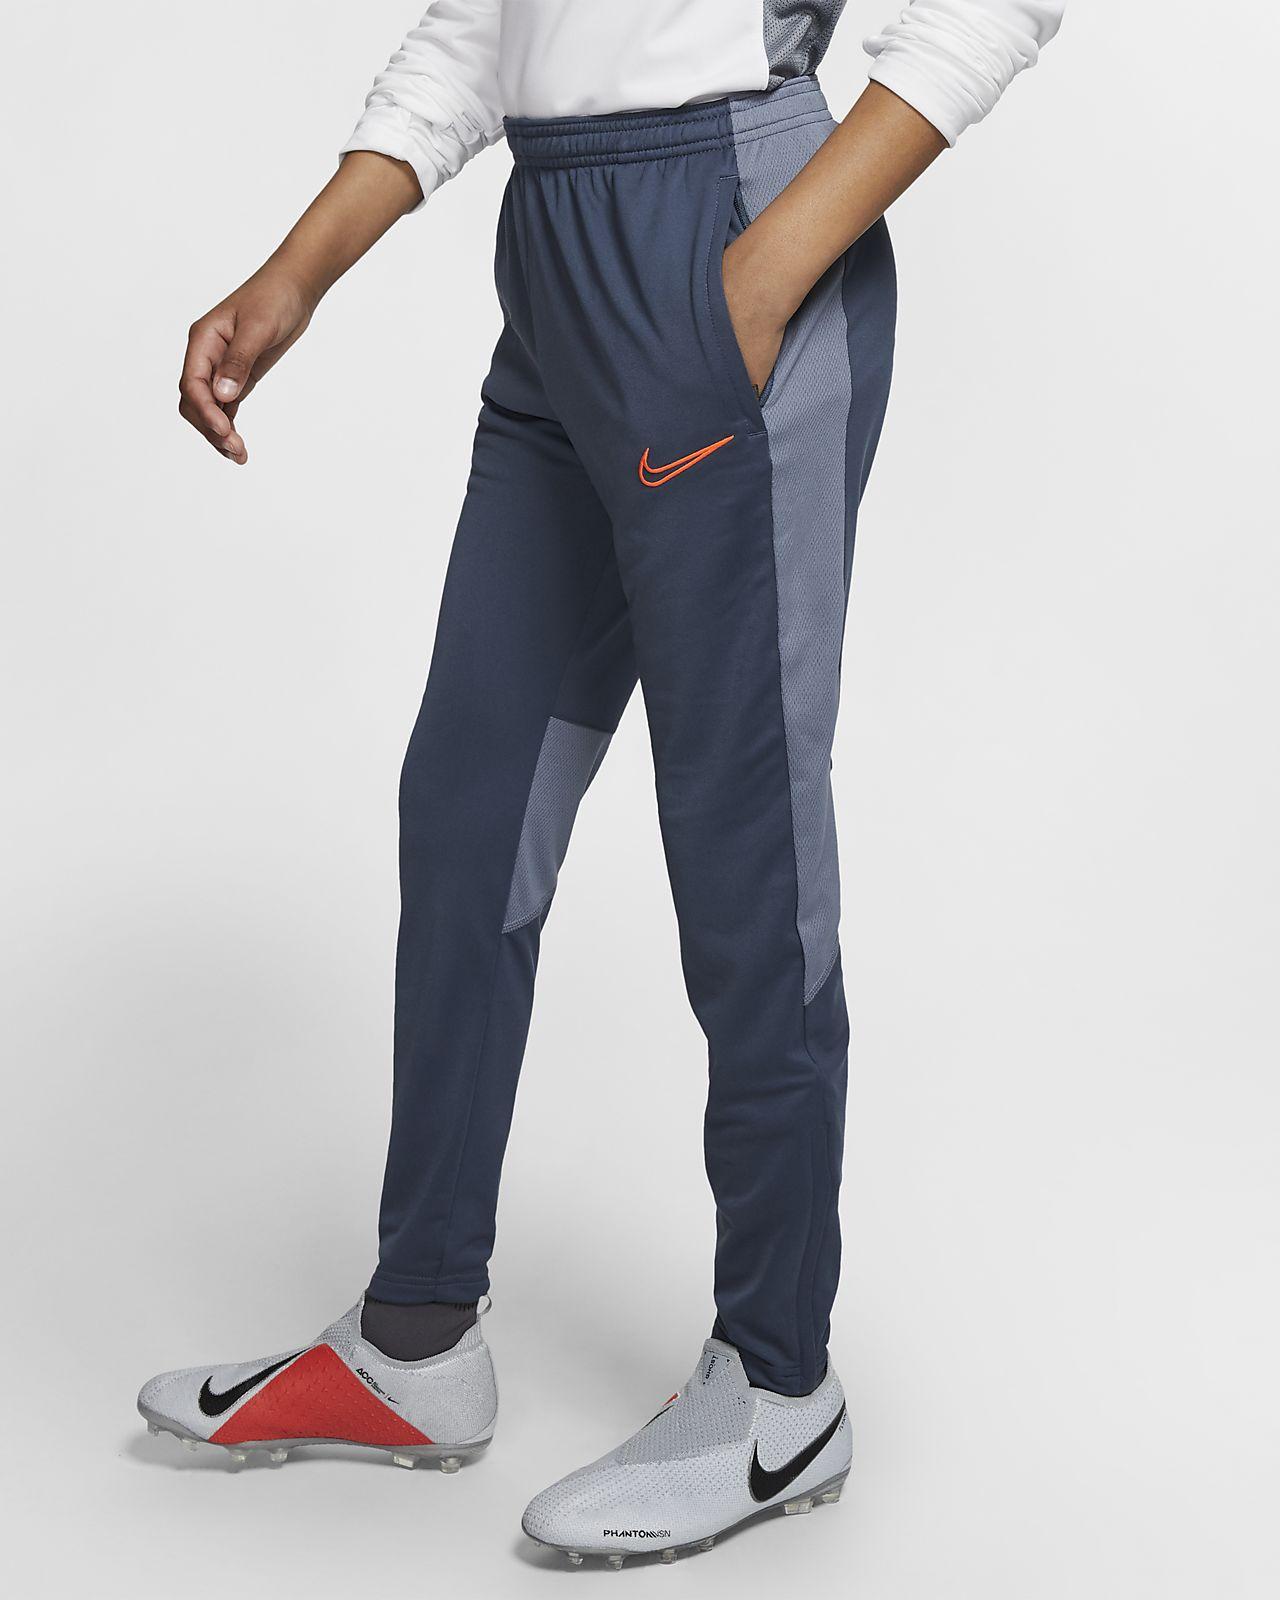 Fotbalové kalhoty Nike Dri-FIT Academy pro větší děti